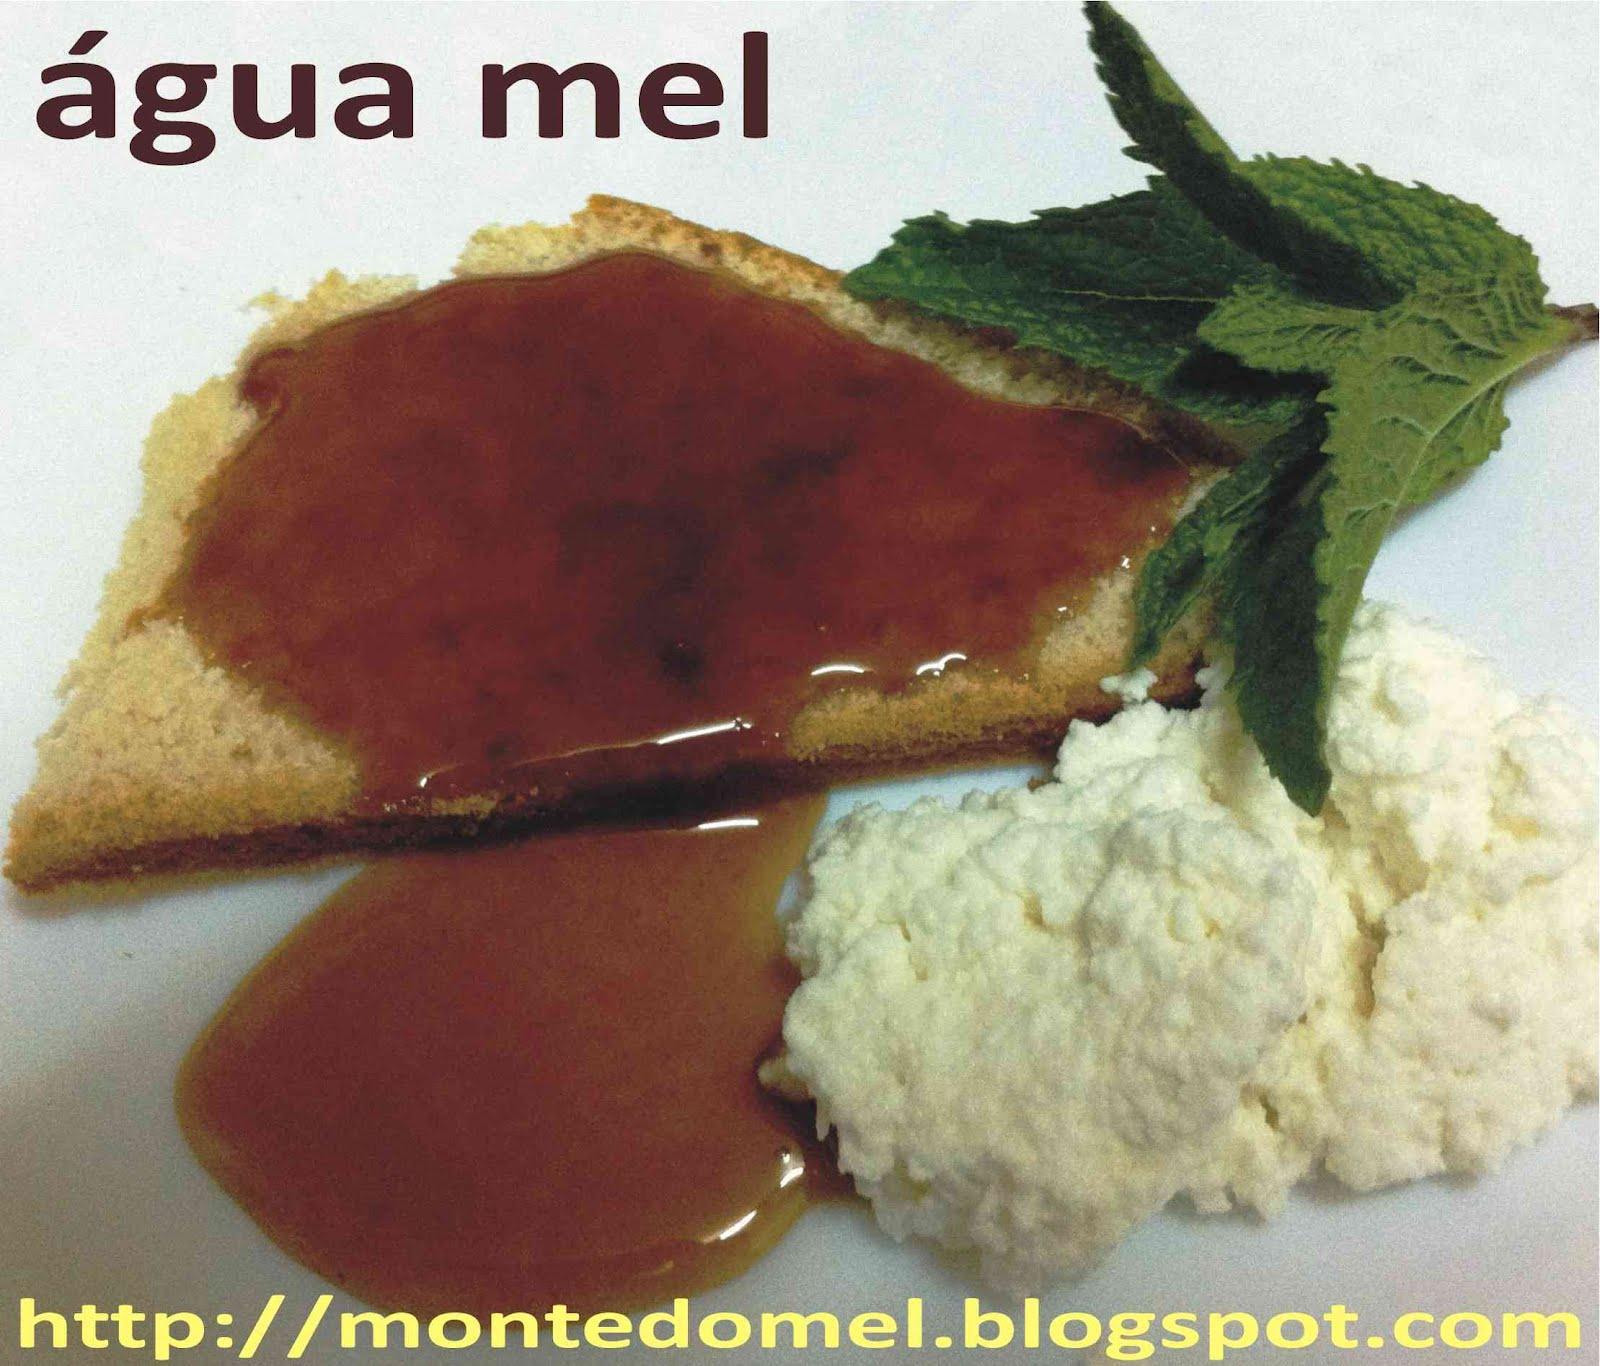 Agua Com Mel E Canela Beneficios monte do mel: Água mel, uma doce tradição em mértola